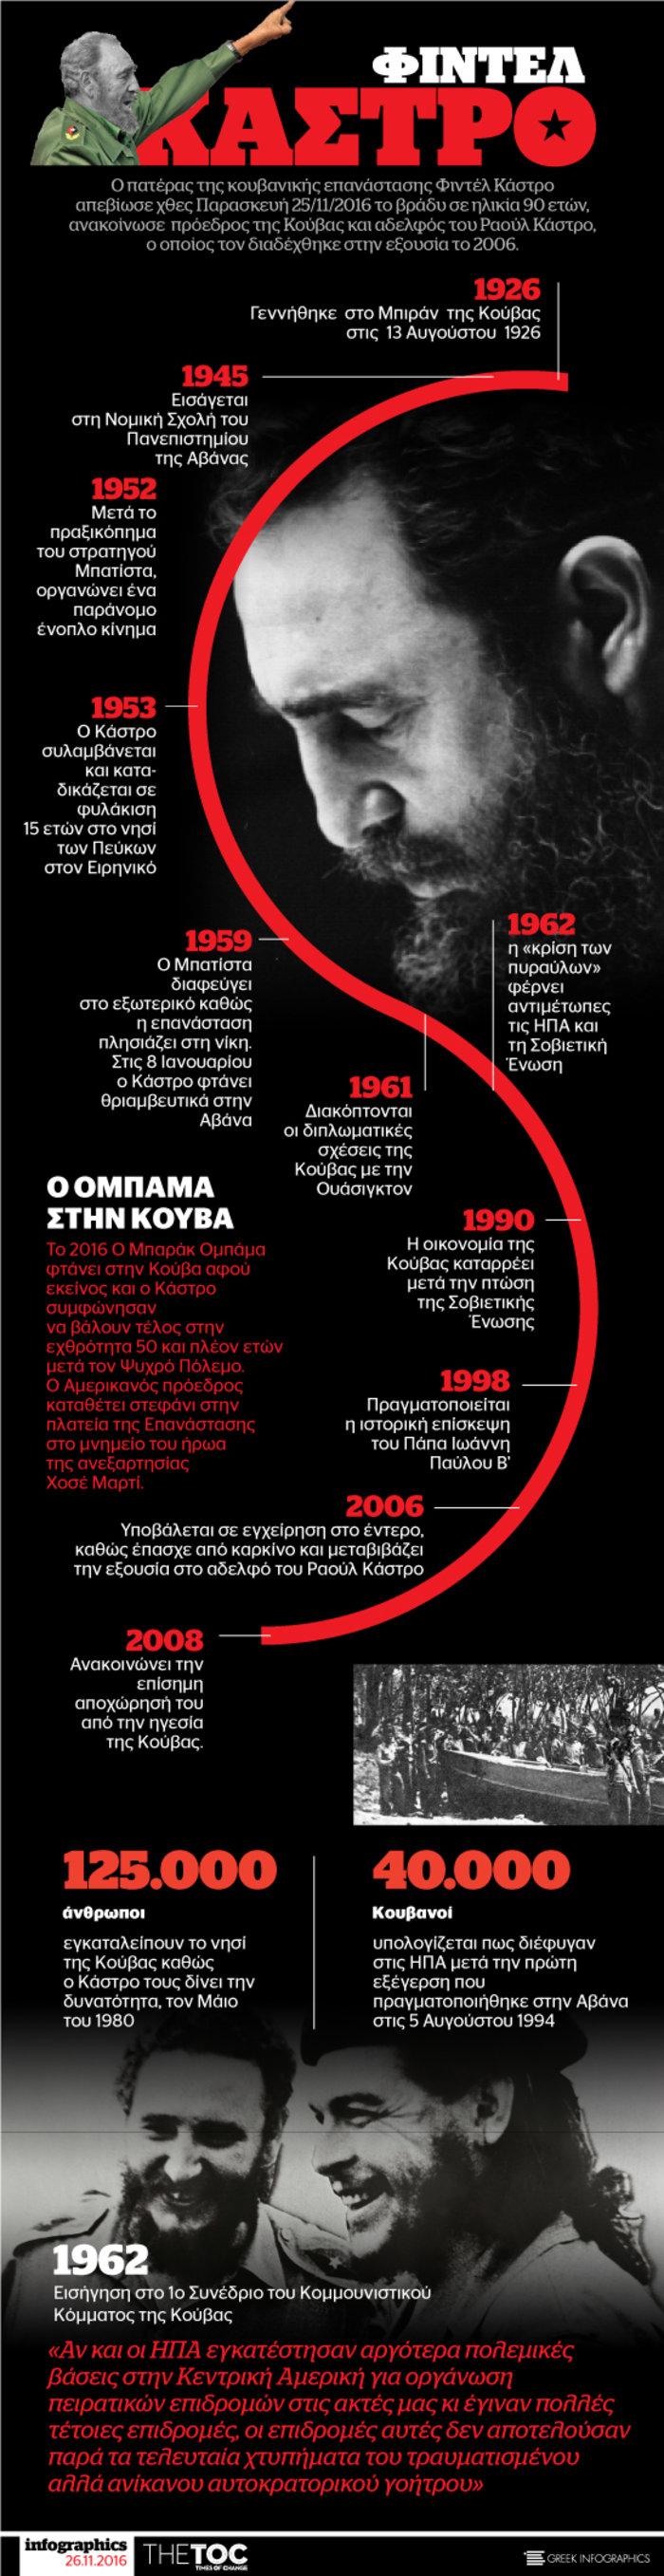 Φιντέλ Kάστρο: Οι μεγάλοι σταθμοί της ζωής του σε ένα infographic